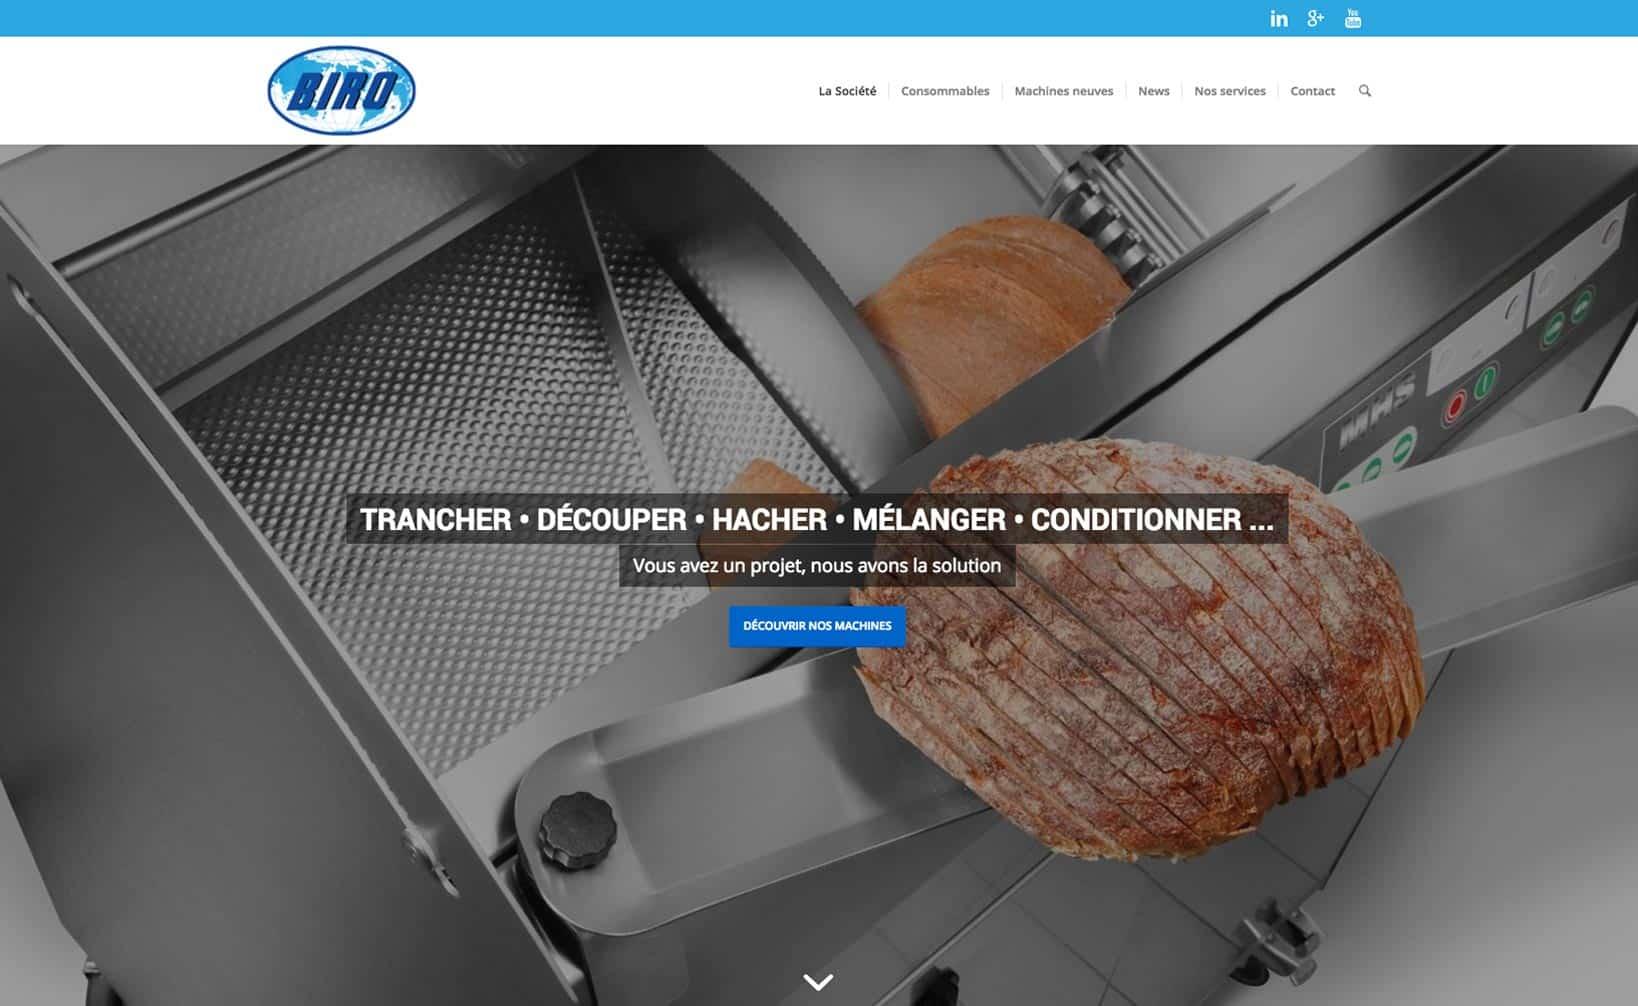 Site web Biro - vue desktop 1